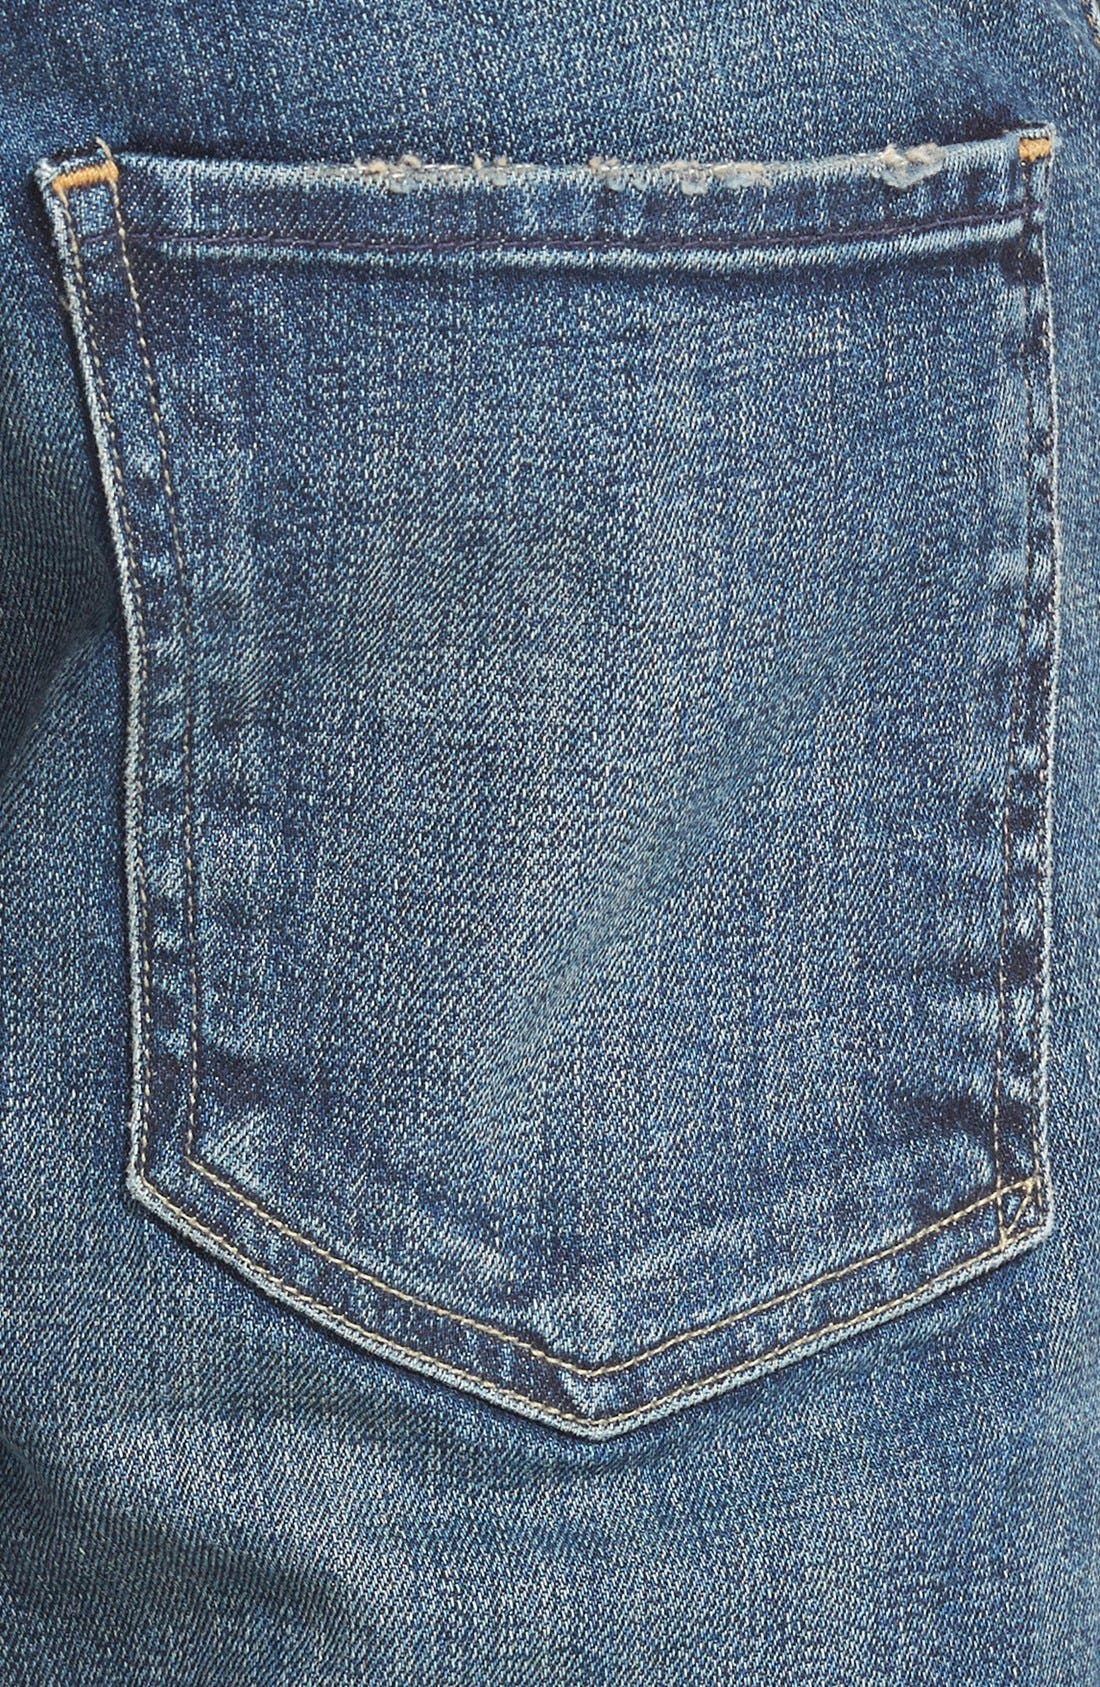 Alternate Image 4  - Citizens of Humanity 'Core' Slim Straight Leg Jeans (Lenoir)